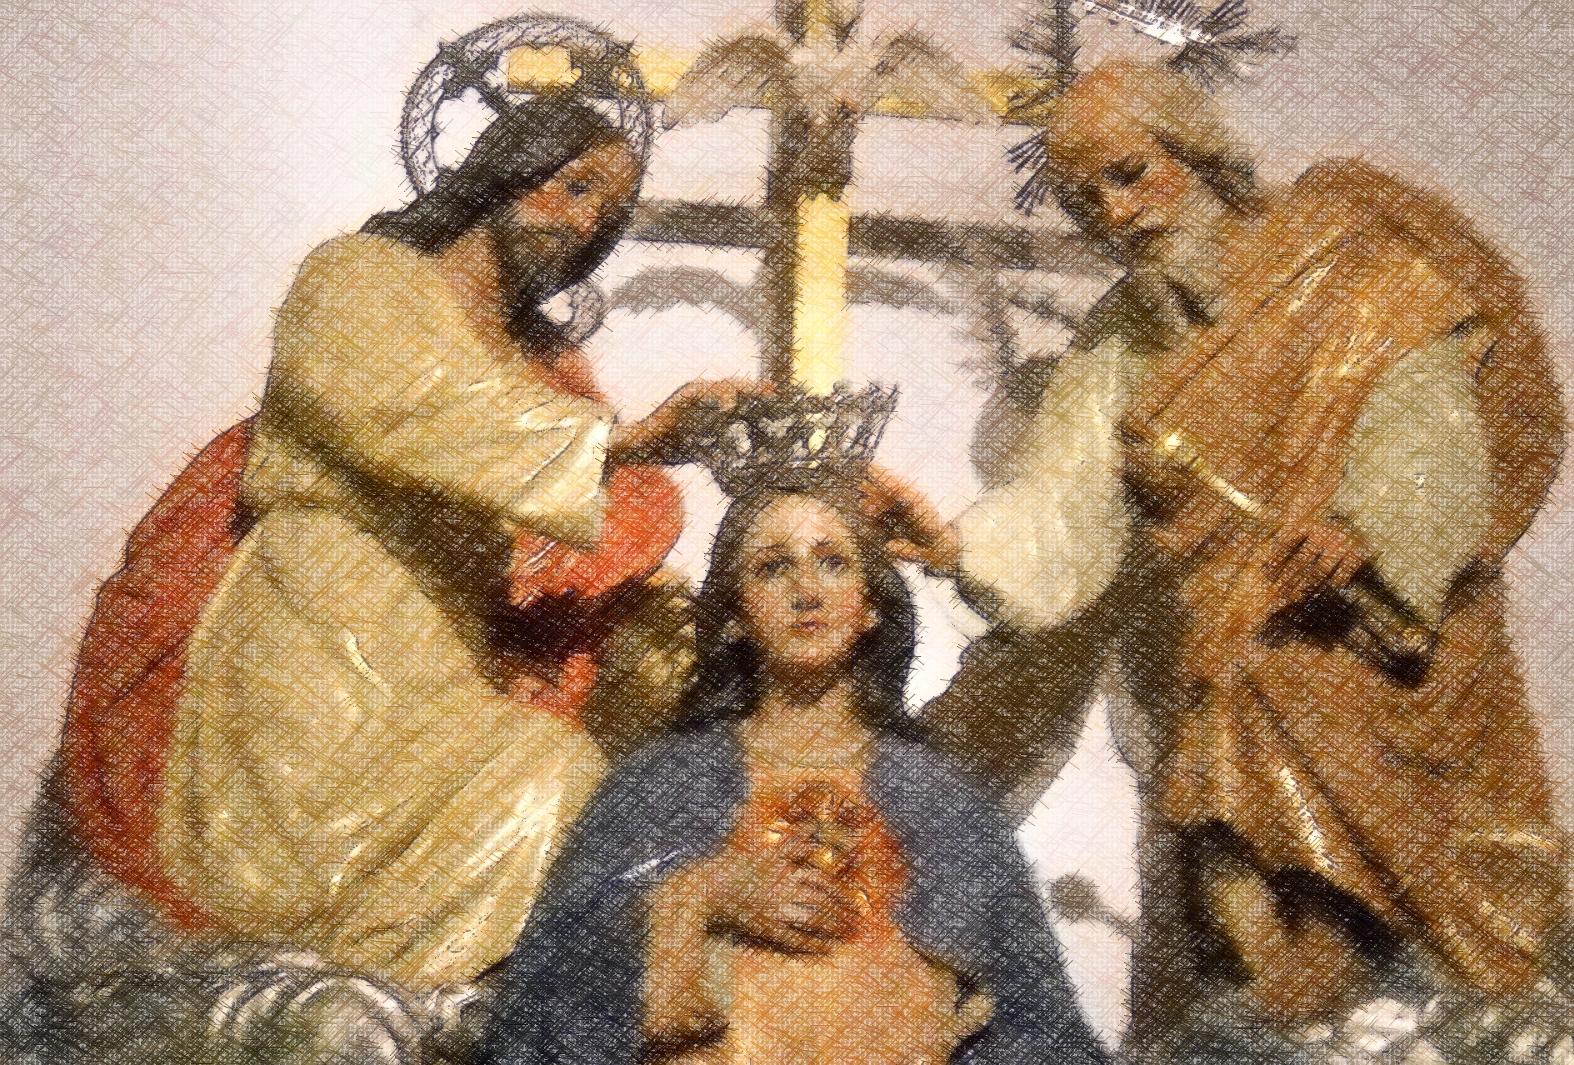 Jesús se Aparece para Instaurar la Devoción a la Victoriosa Reina del Mundo